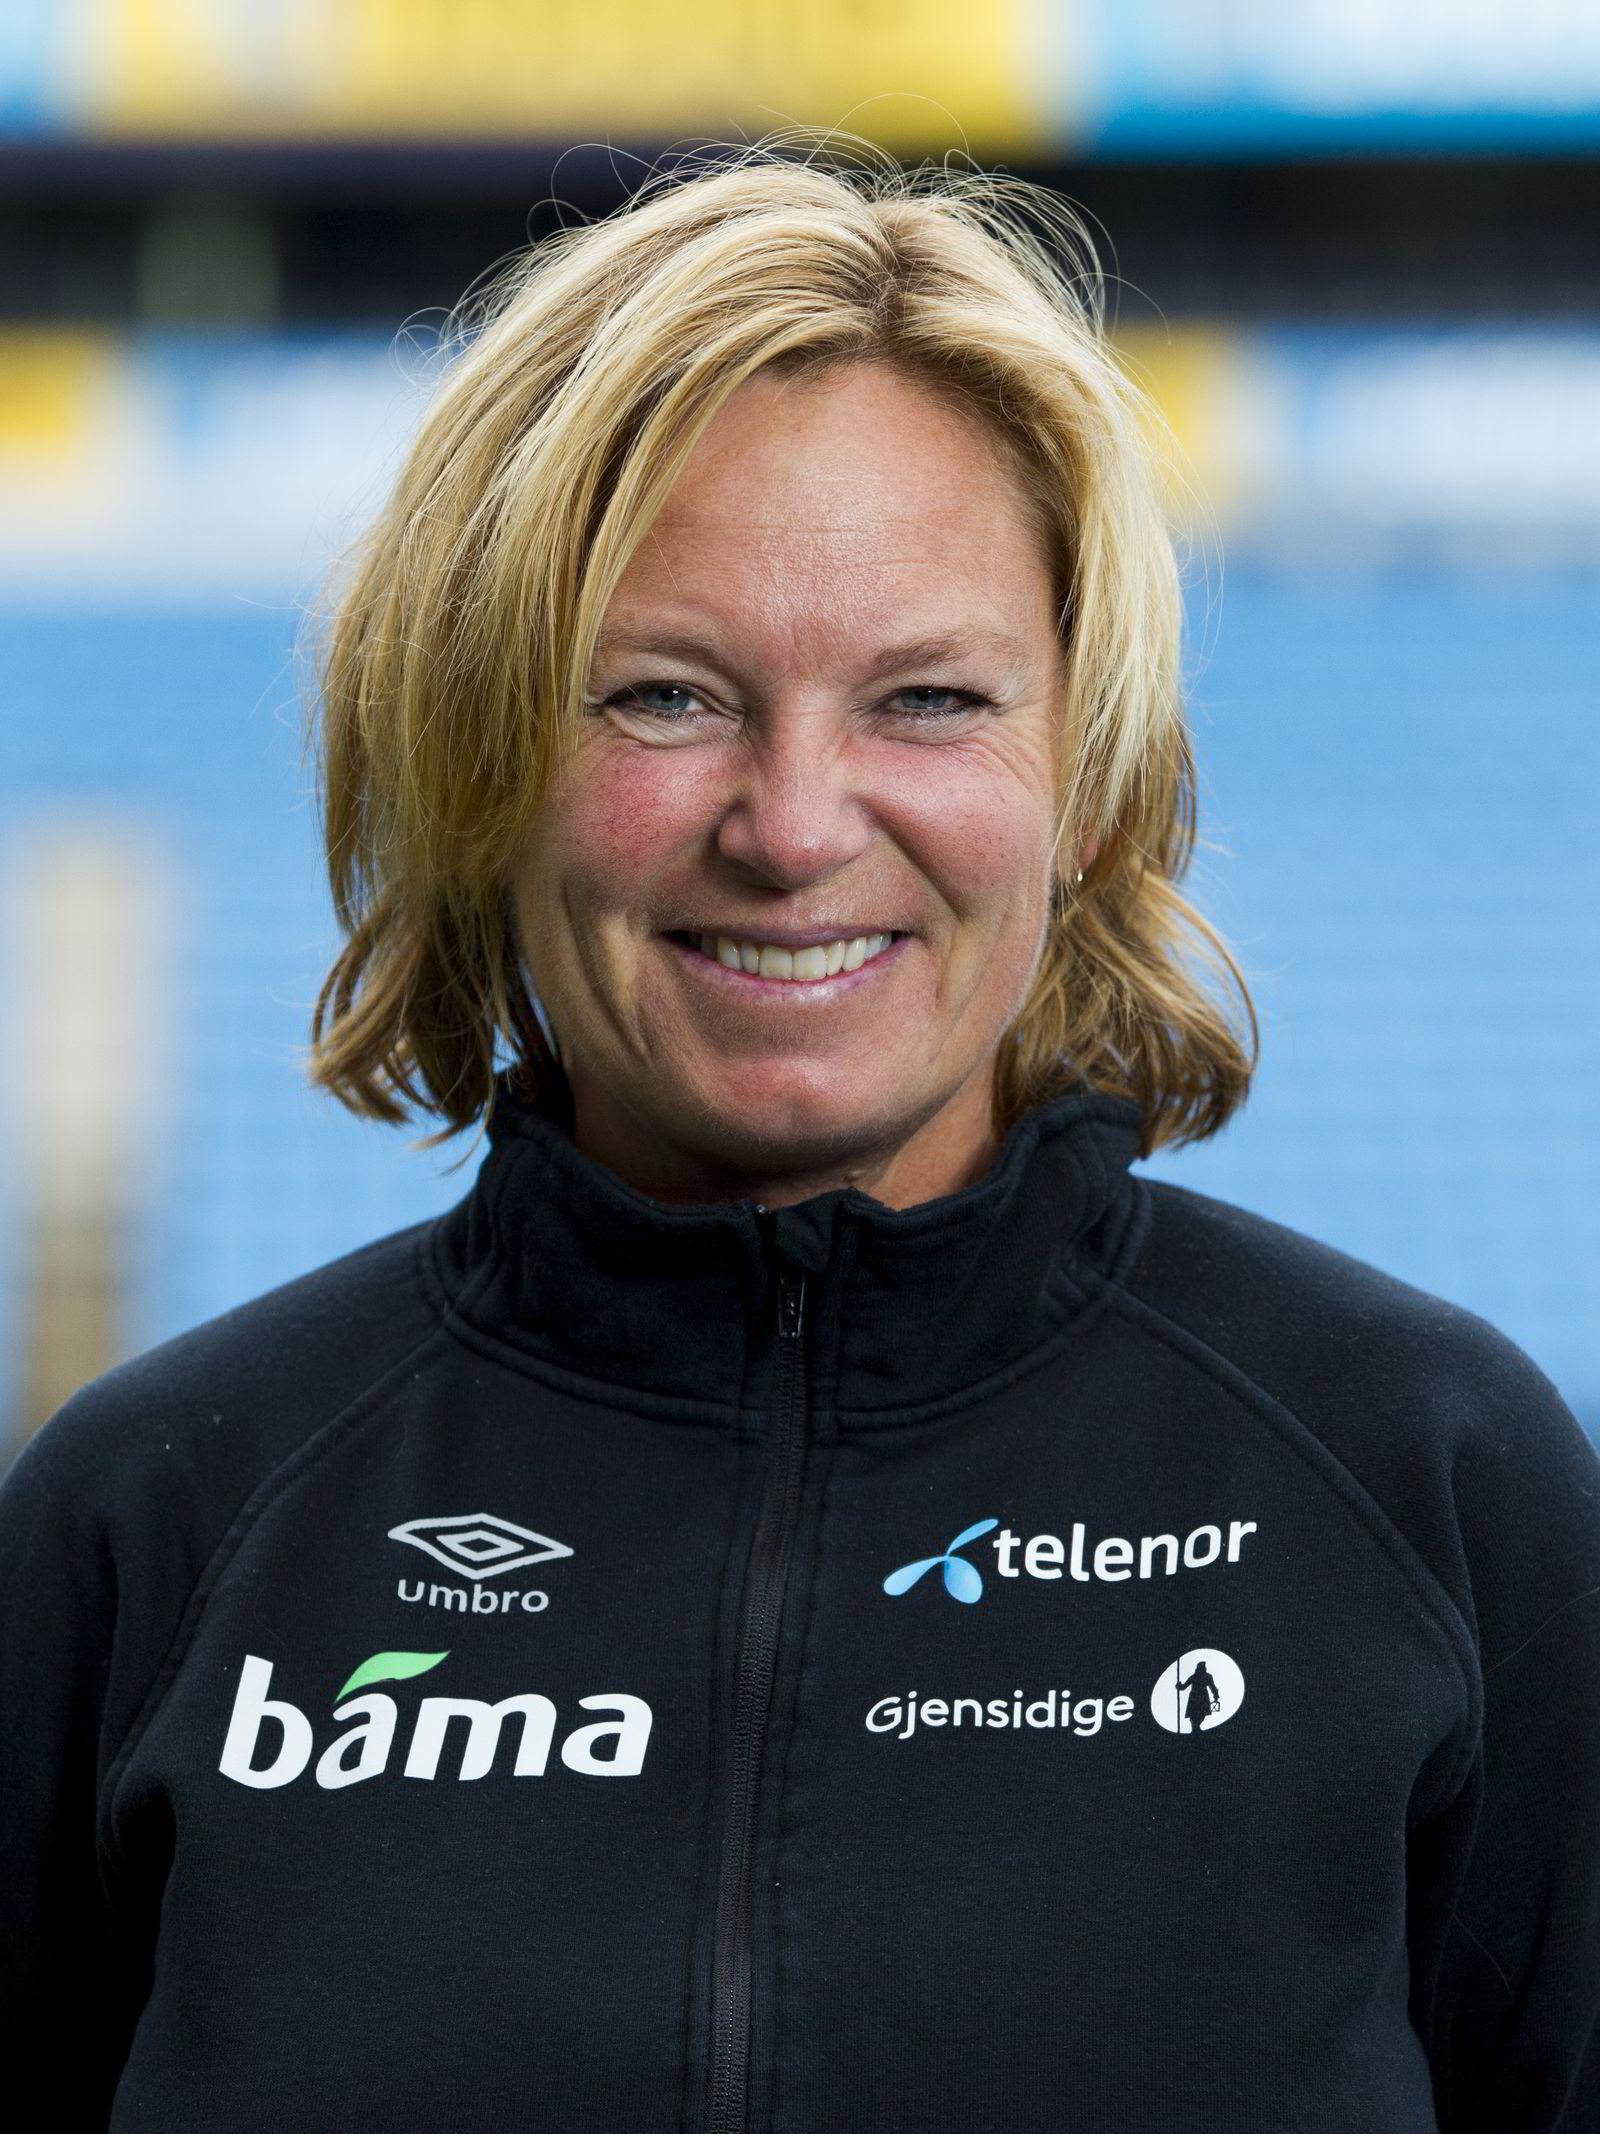 EKSPERT: Professor Anne Marte Pensgaard ved Olympiatoppen. Foto: Vegard Wivestad Grøtt /